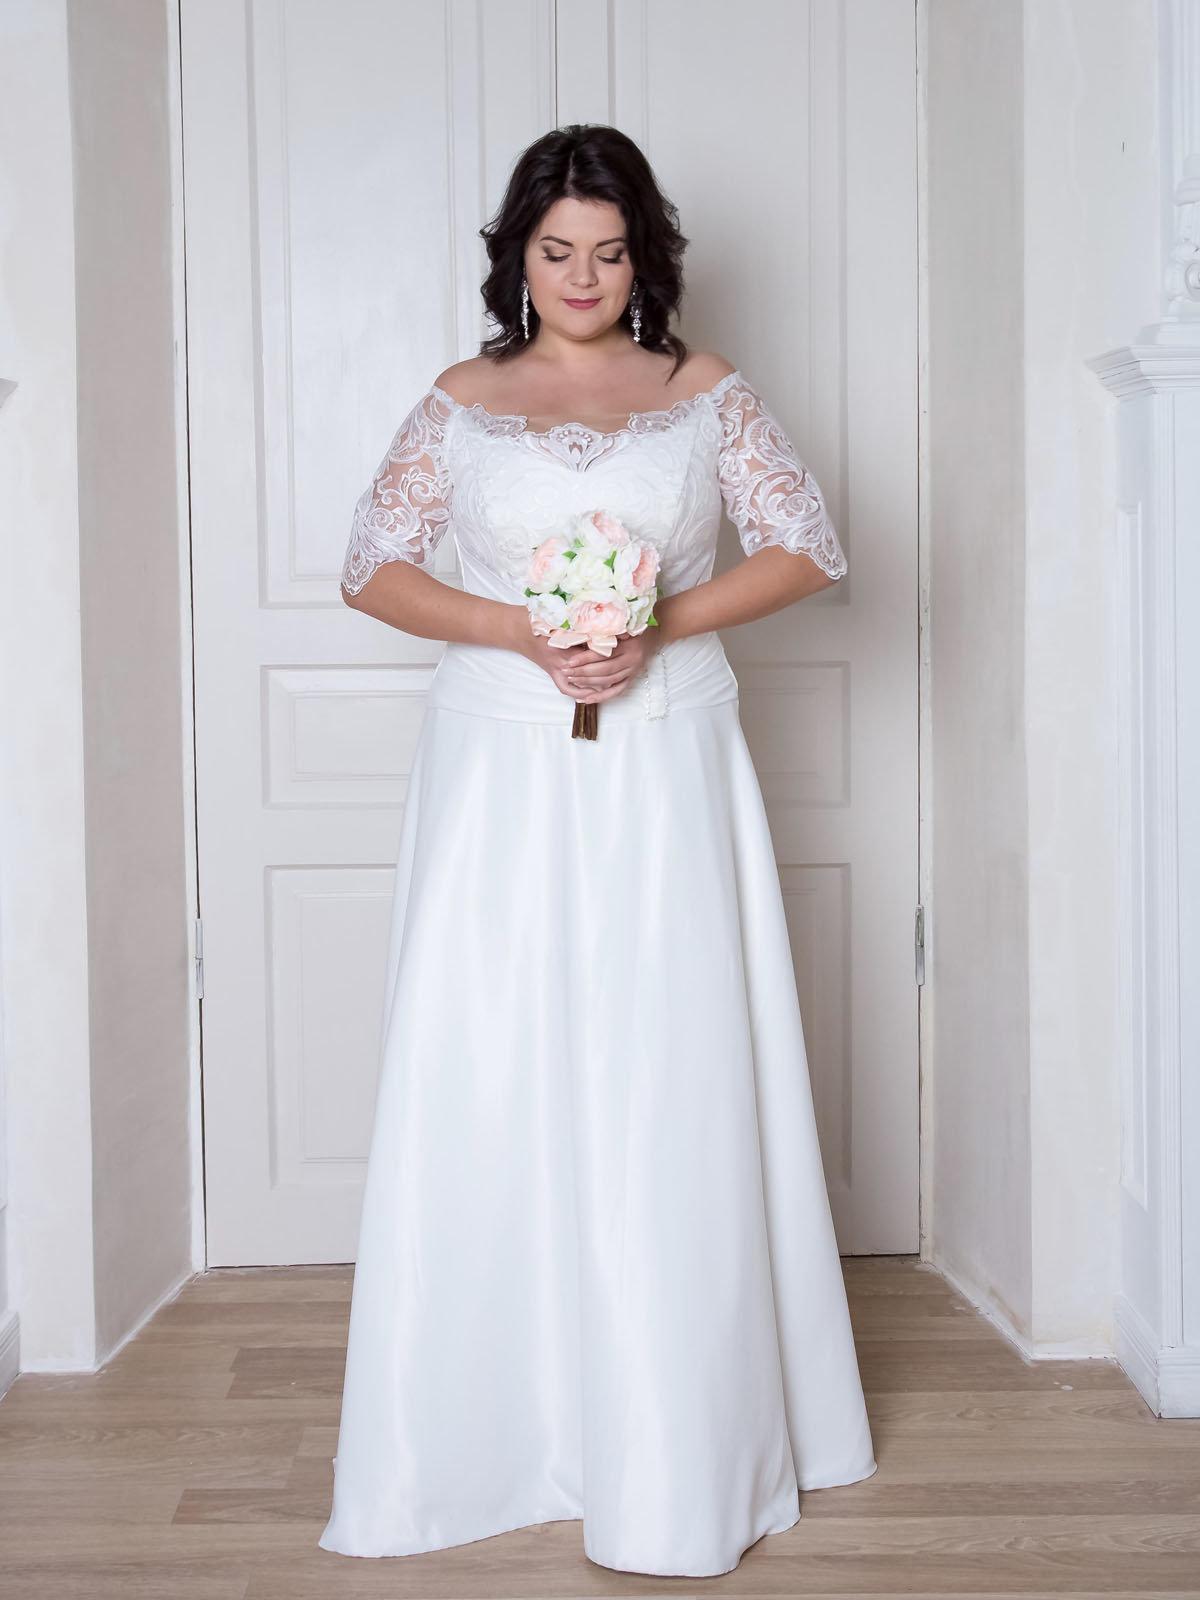 какой свадебные платья в картинках всех размеров пришли коммунисты